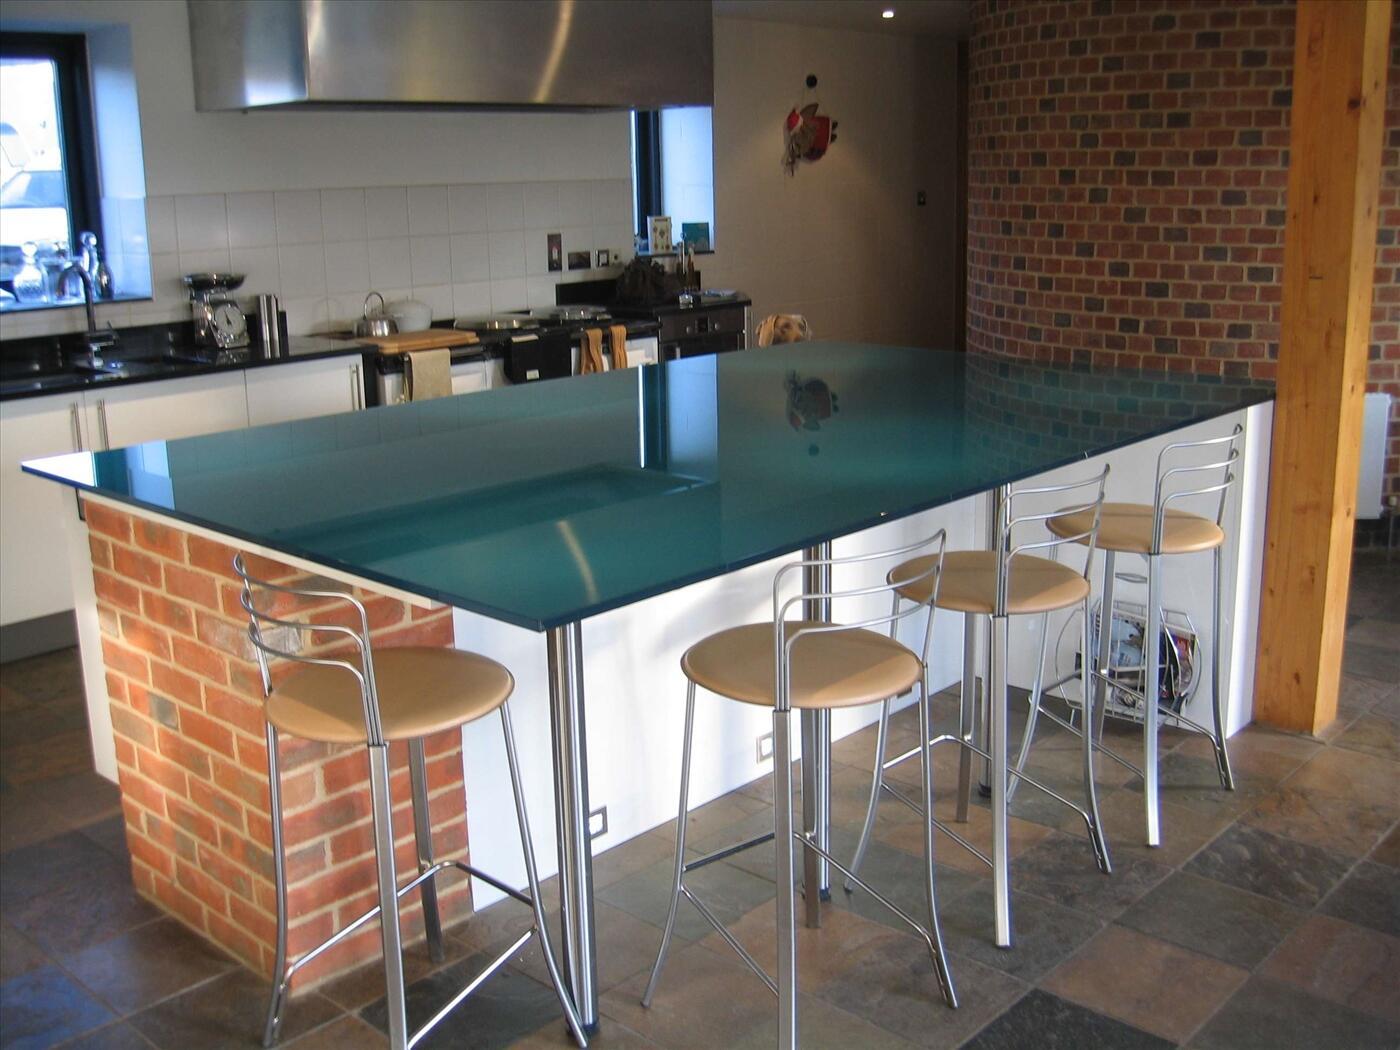 Thi công kính màu mặt bàn bếp Huyện Thanh Trì Hà Nội